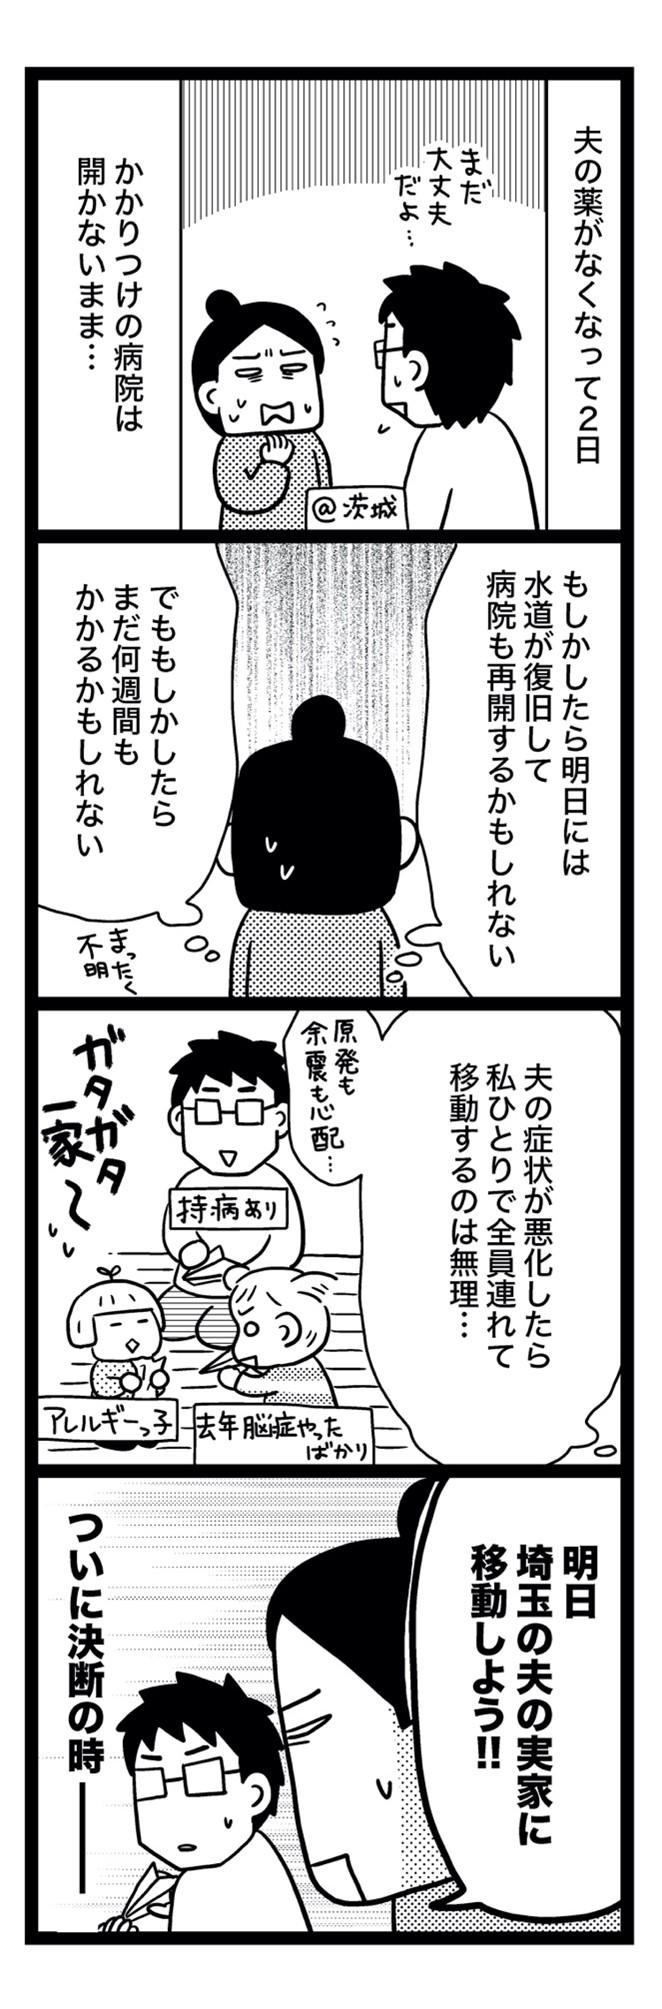 sinsai4-7